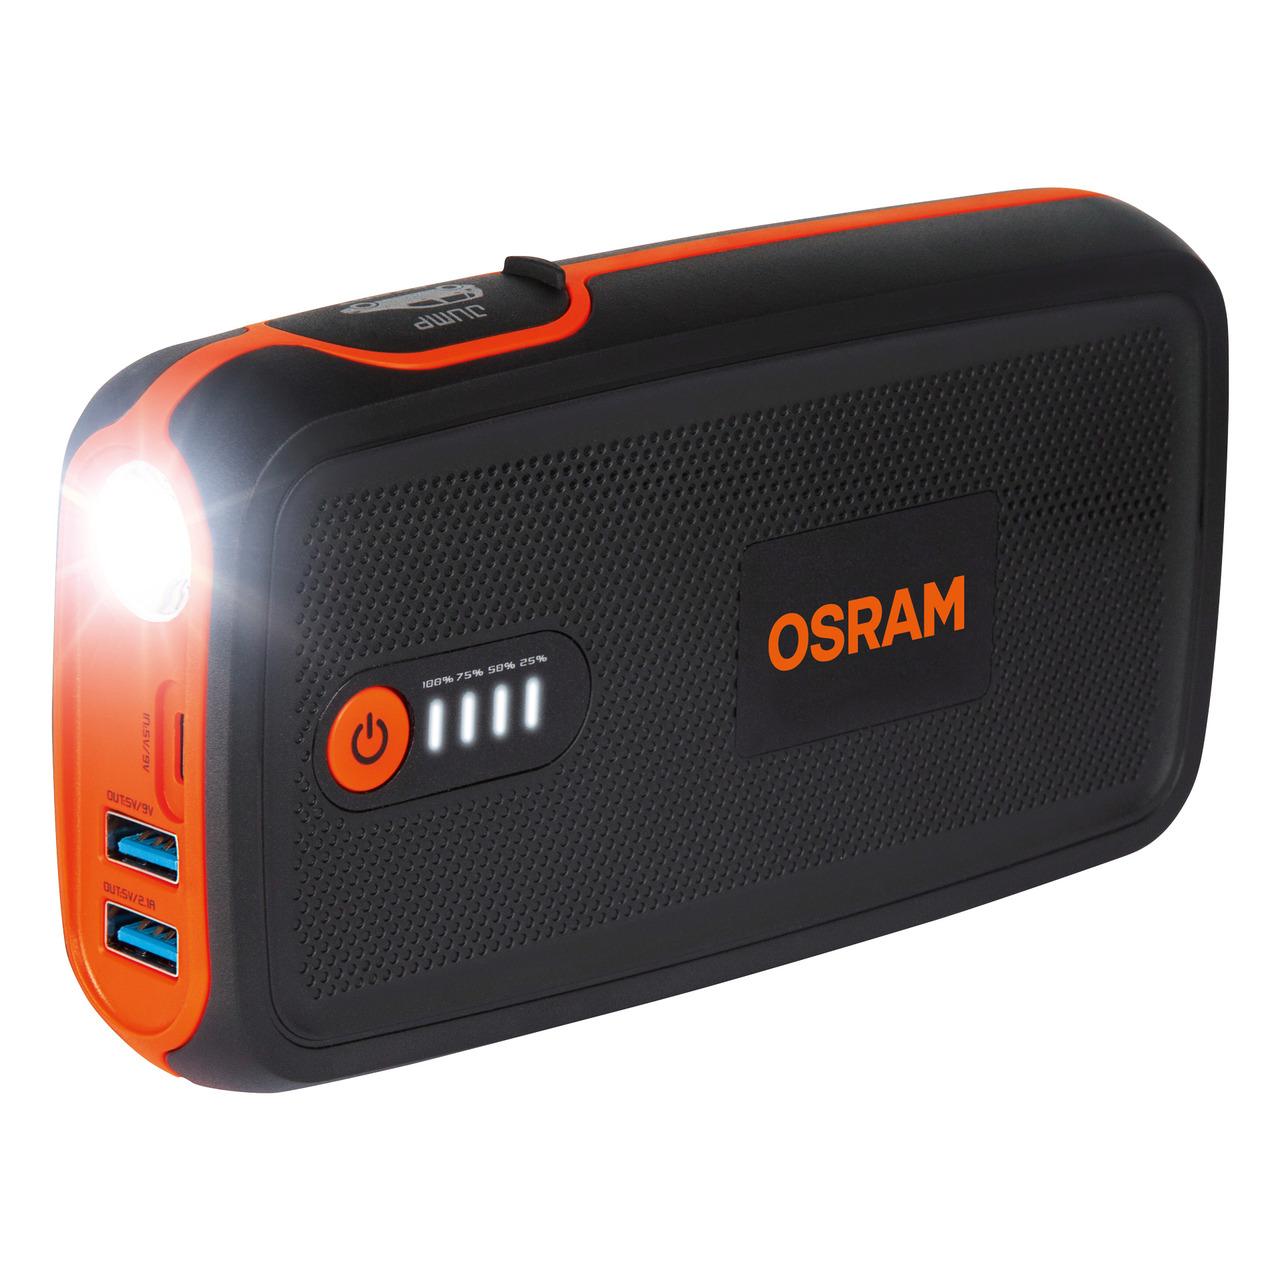 OSRAM Kfz-Starthilfegerät BATTERYstart 300- 12 V- 1500 A- 13-000 mAh